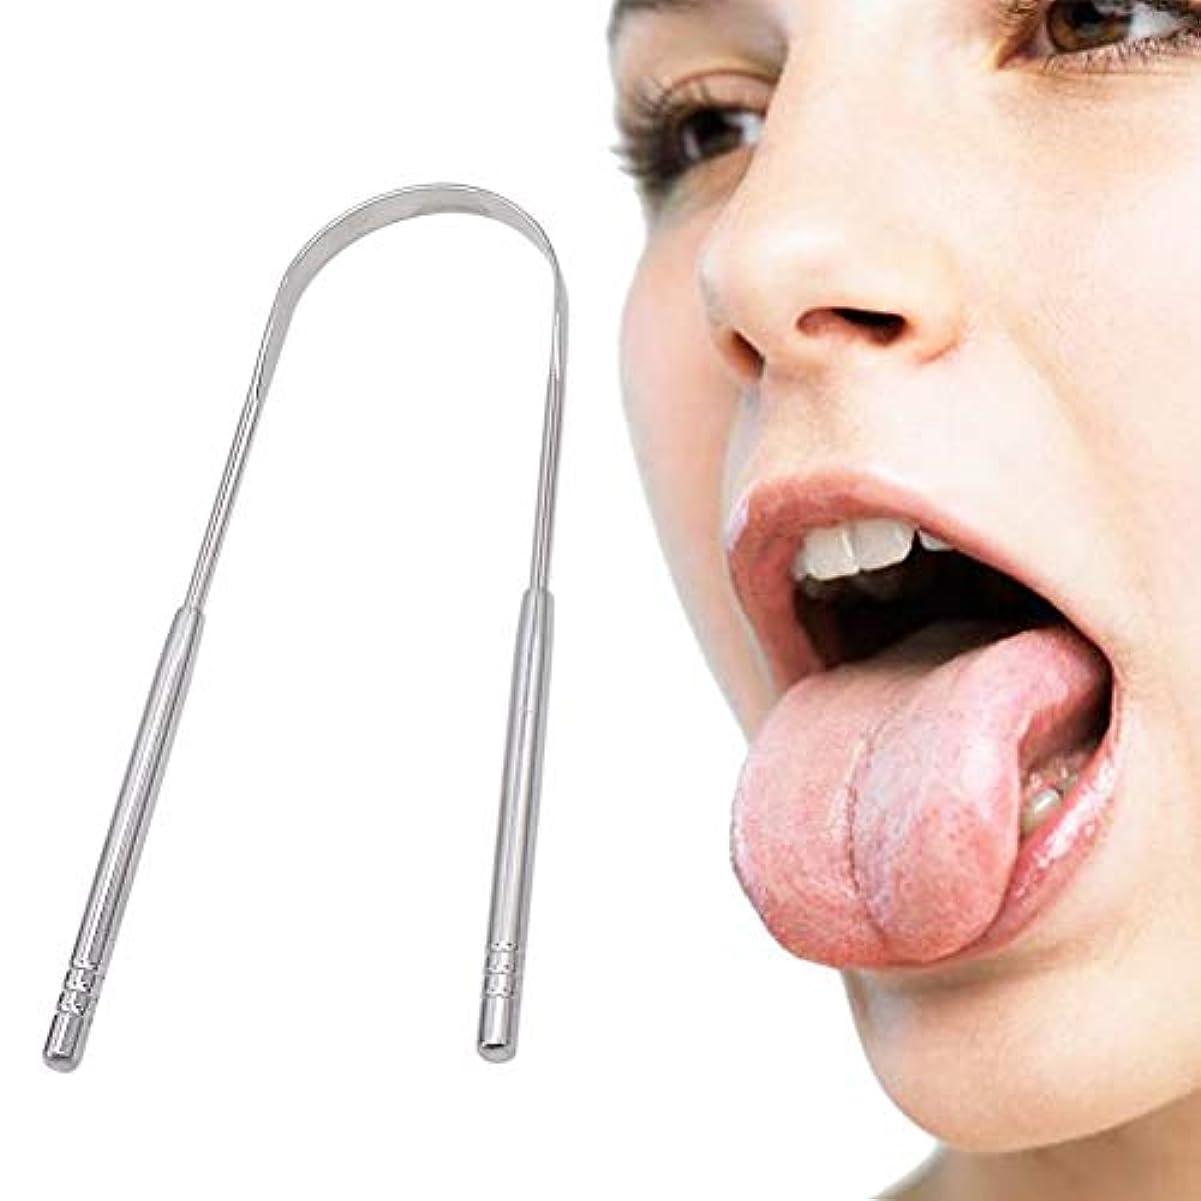 各月曜日好きOral Dentistry 舌クリーナー 口臭スイーパー スクレーパー 口腔ケア 舌みがき 舌用 抗菌 健康ツール ステンレス鋼 口臭予防